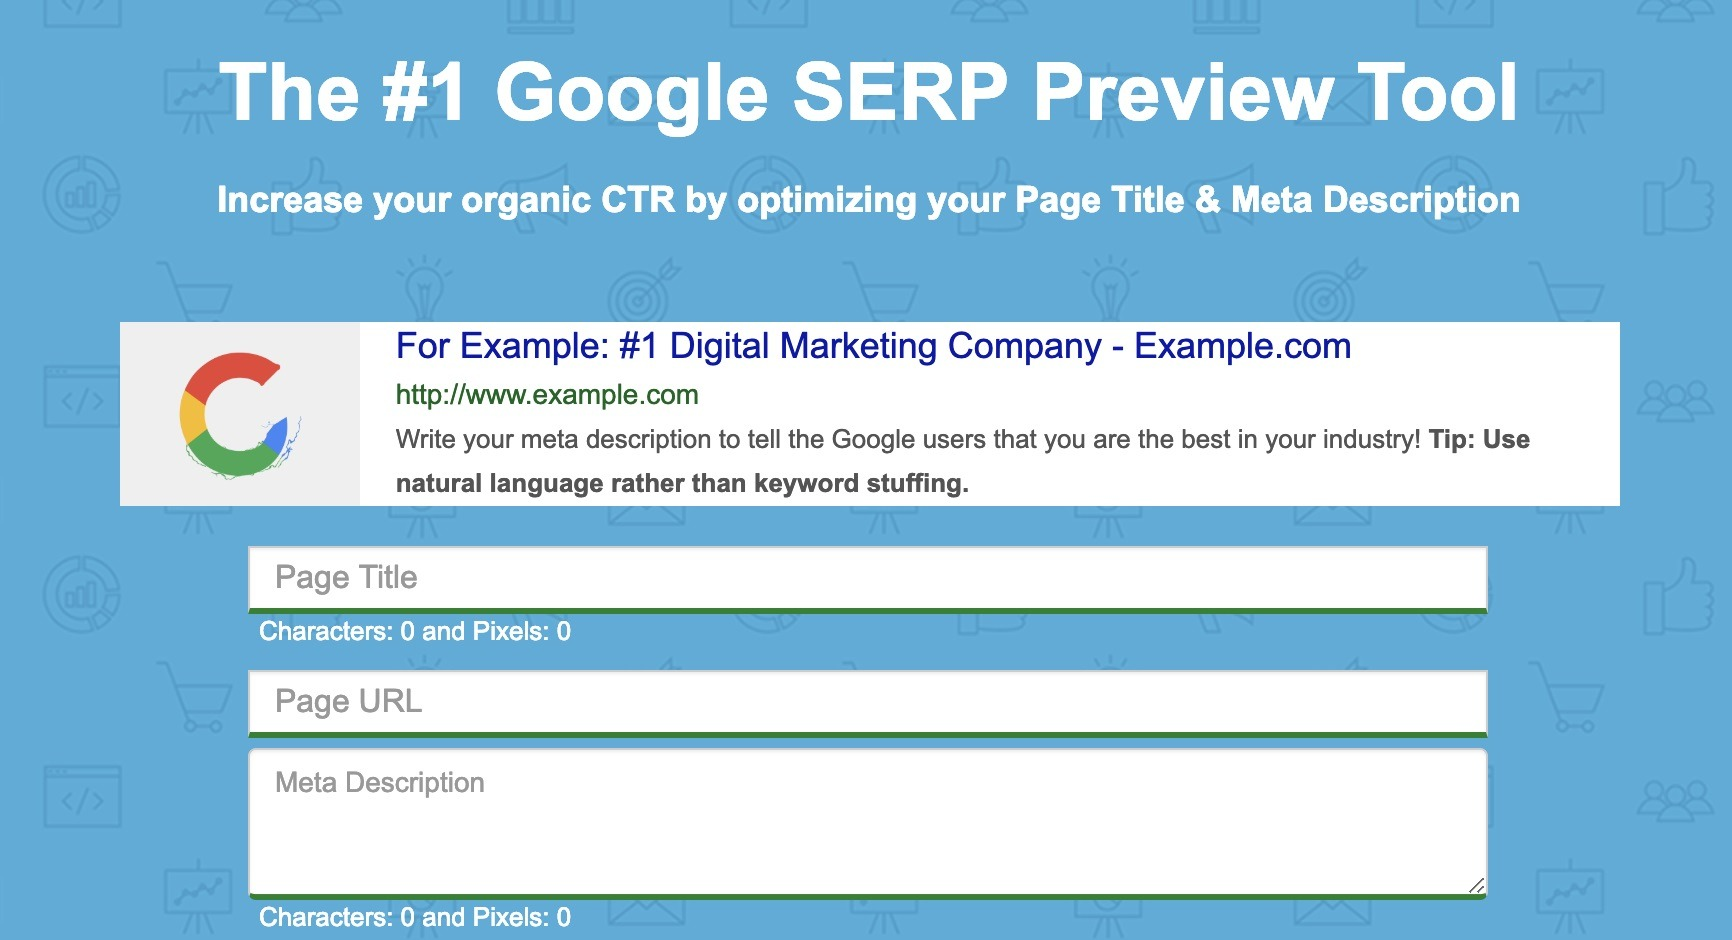 что такое Google SERP Tool